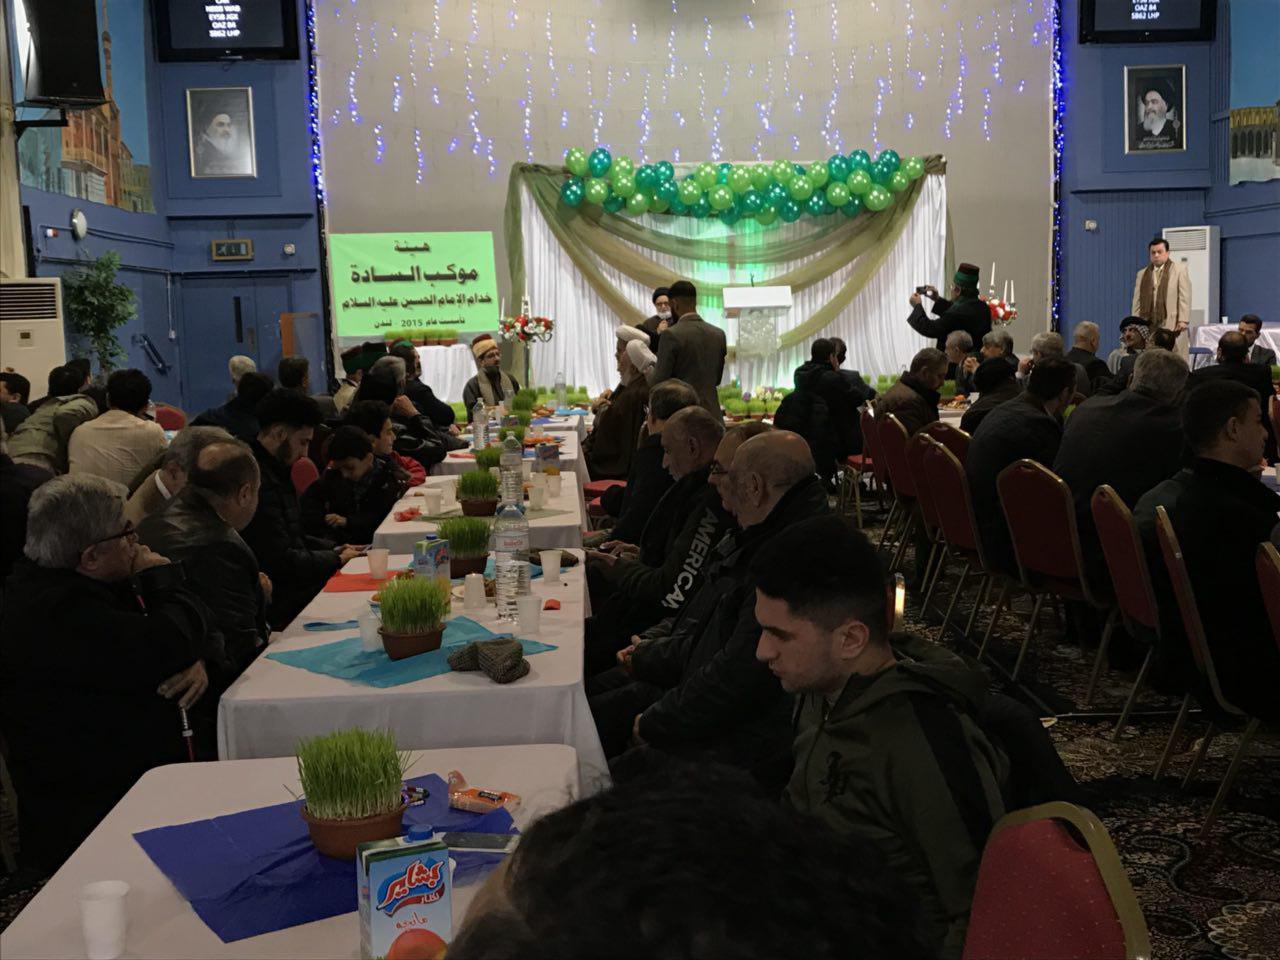 تصویر جشن میلاد امیر المومنین علیه السلام در حسینیه رسول اعظم لندن